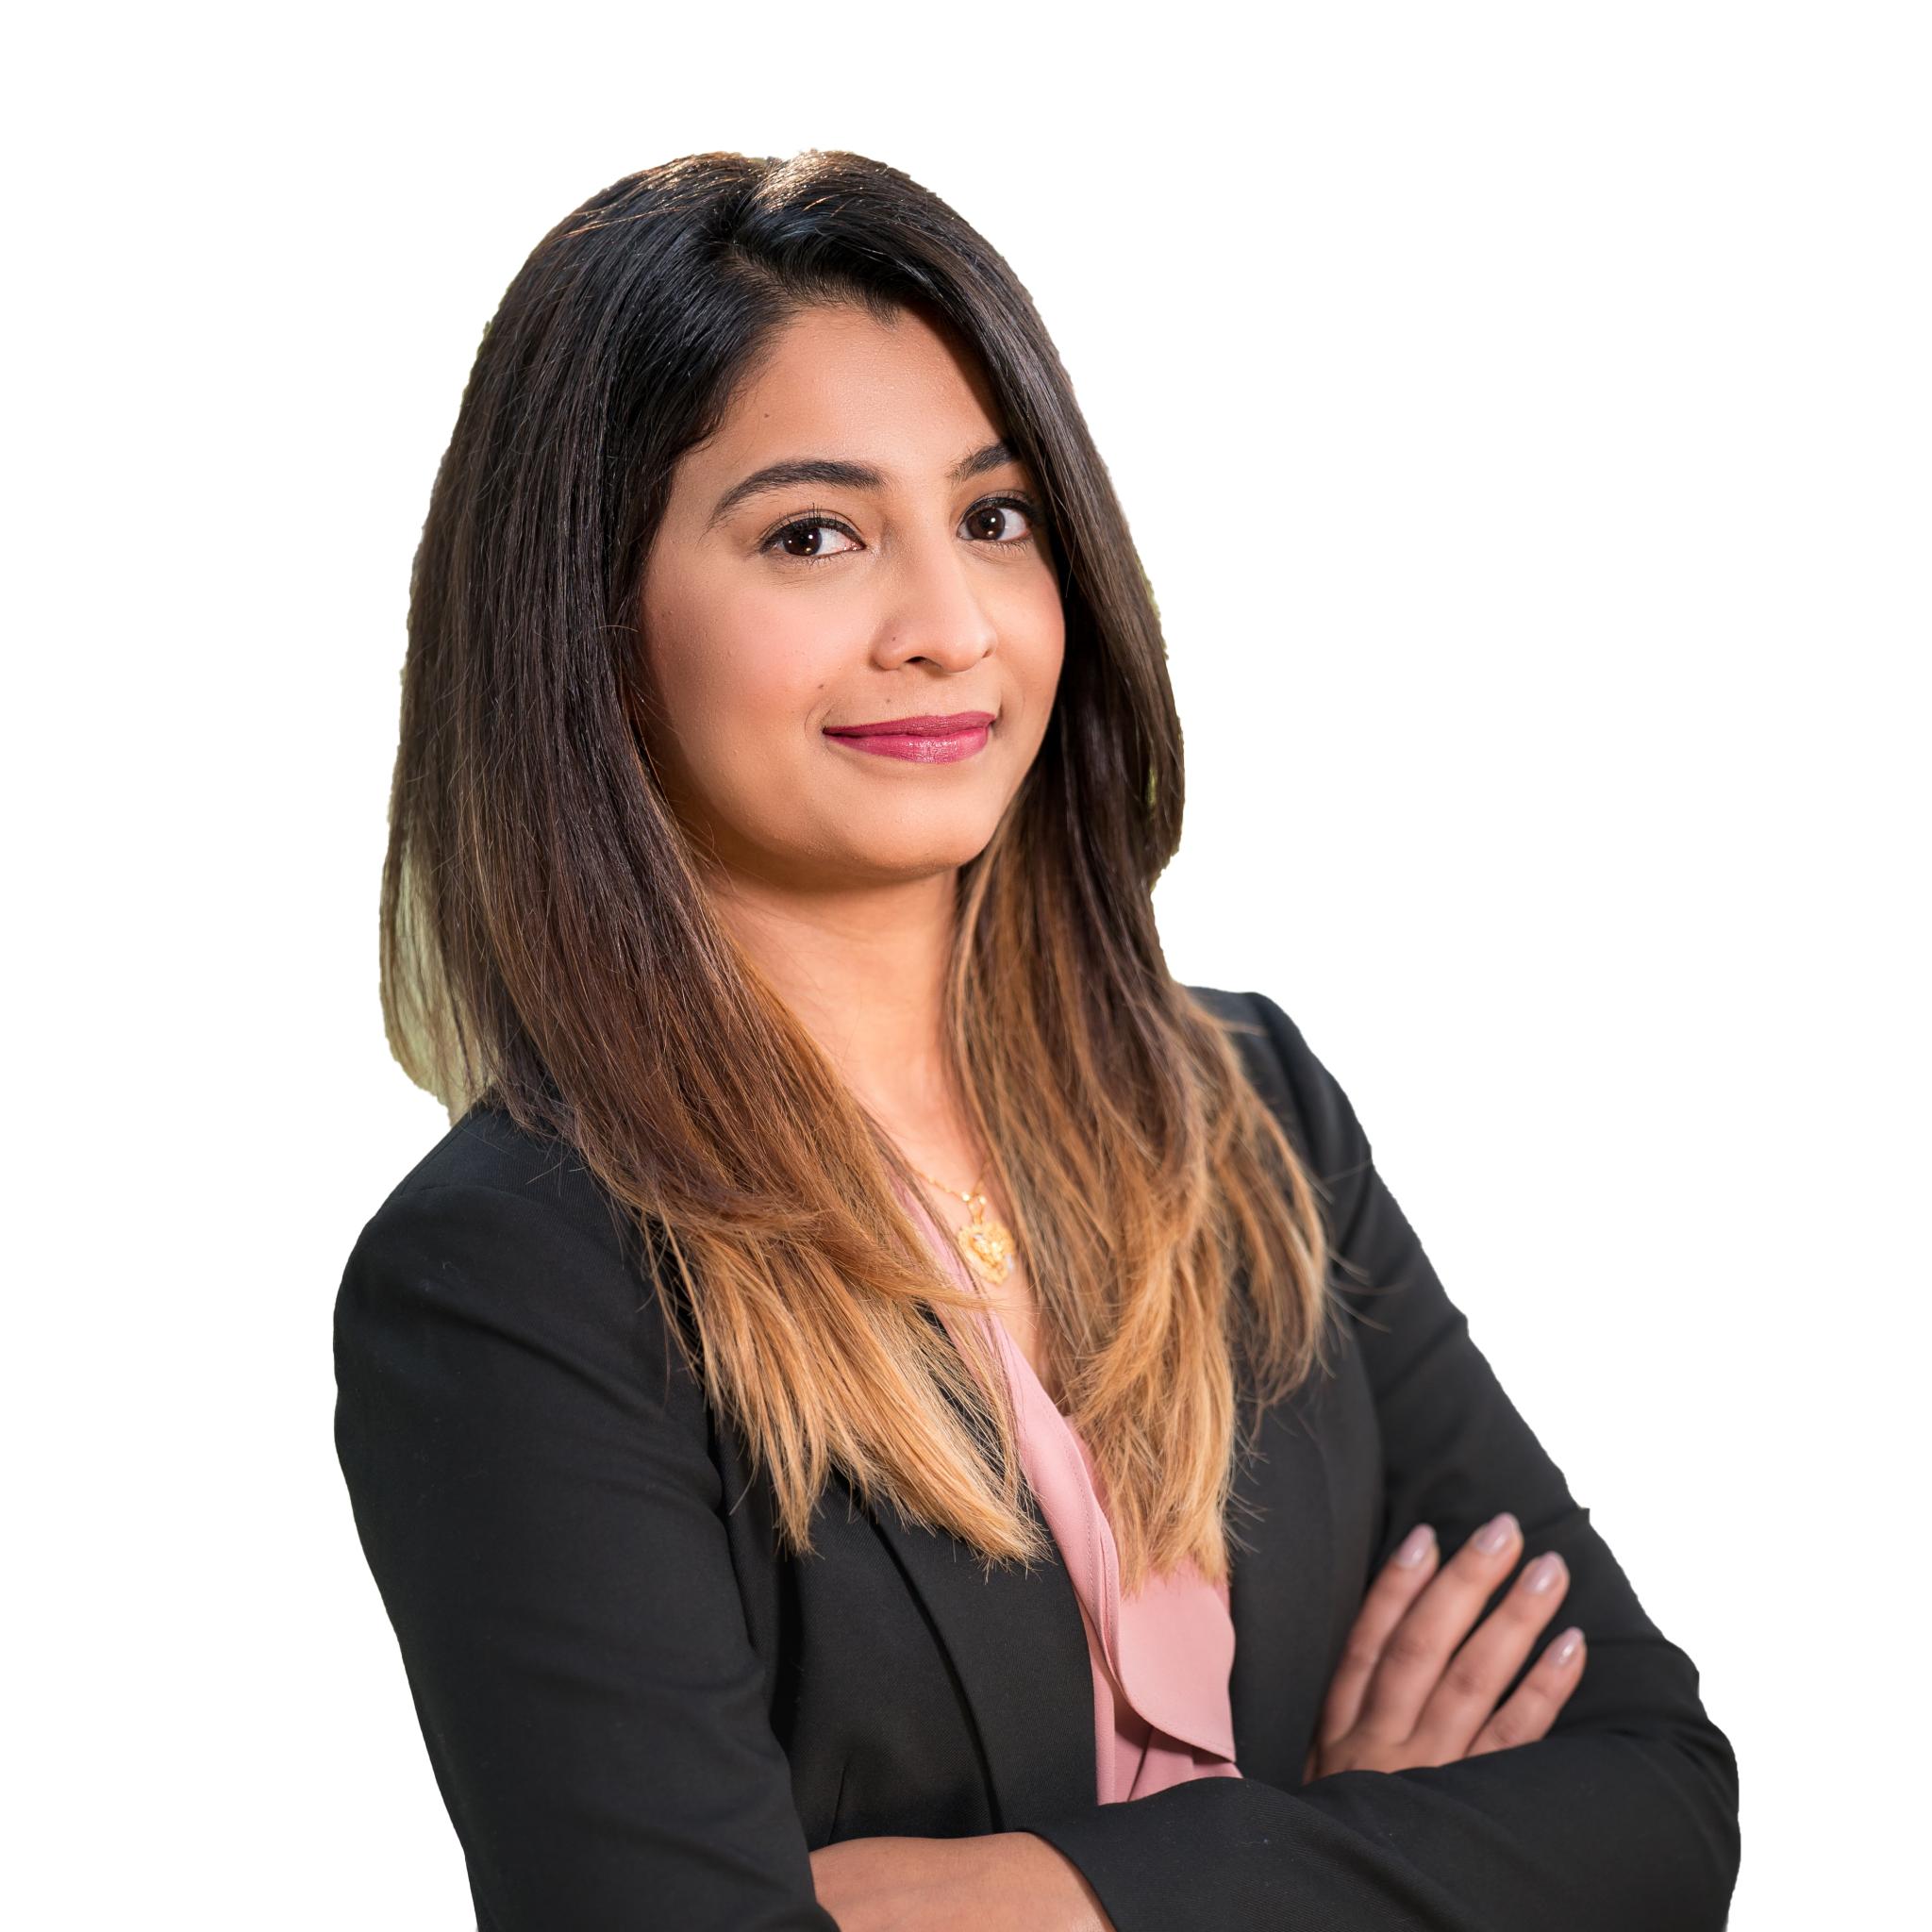 Zainab Ansari